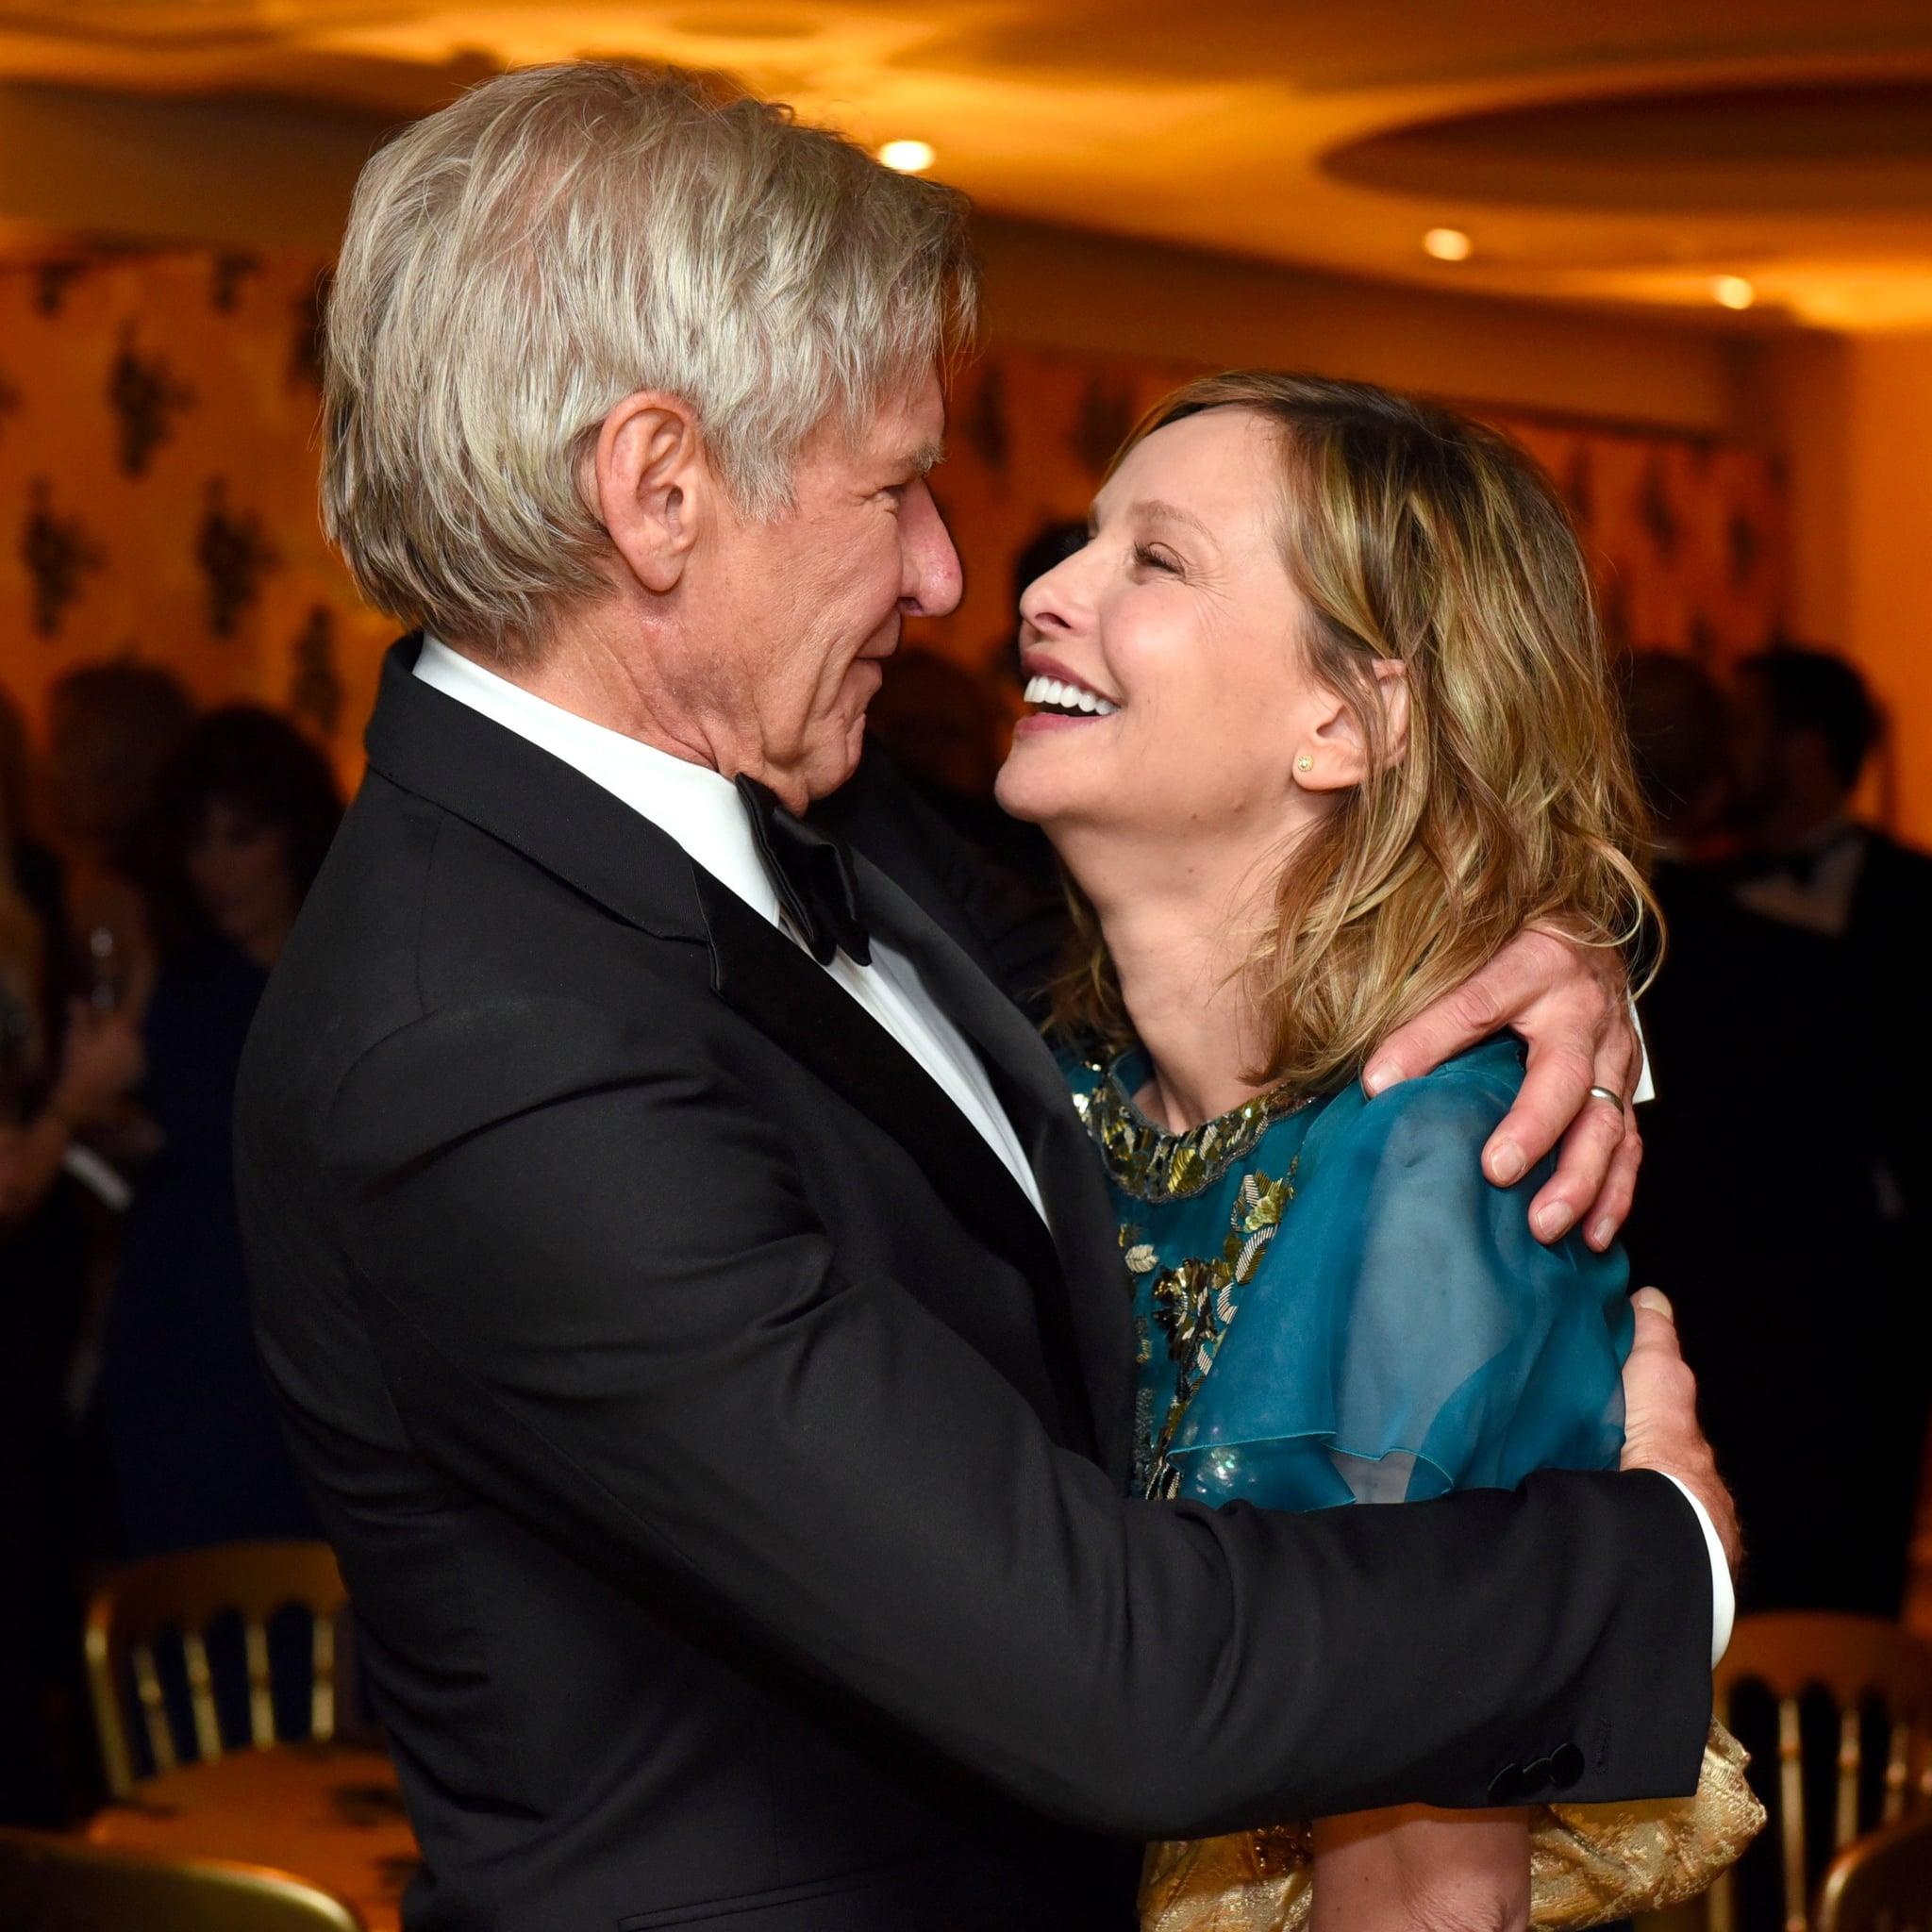 Harrison Ford | POPSUGAR Celebrity